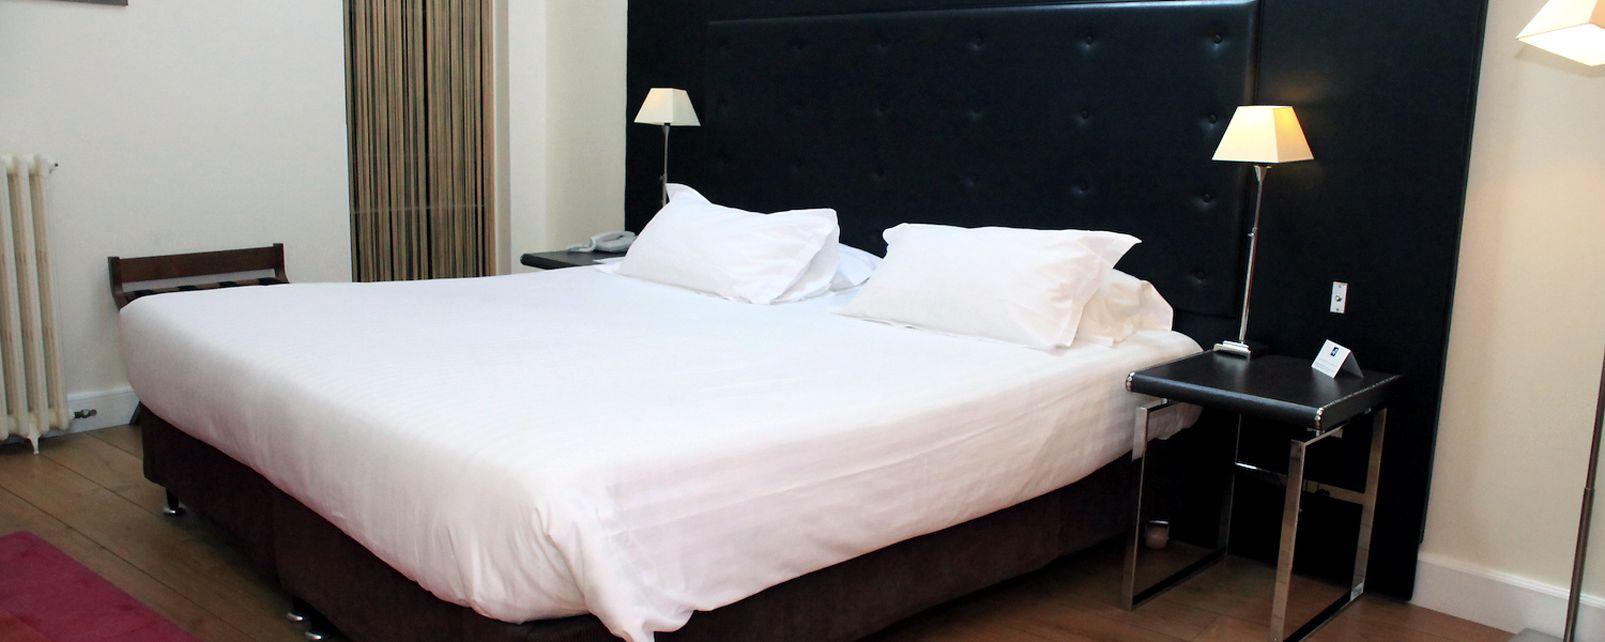 Hotel 123 Elysées